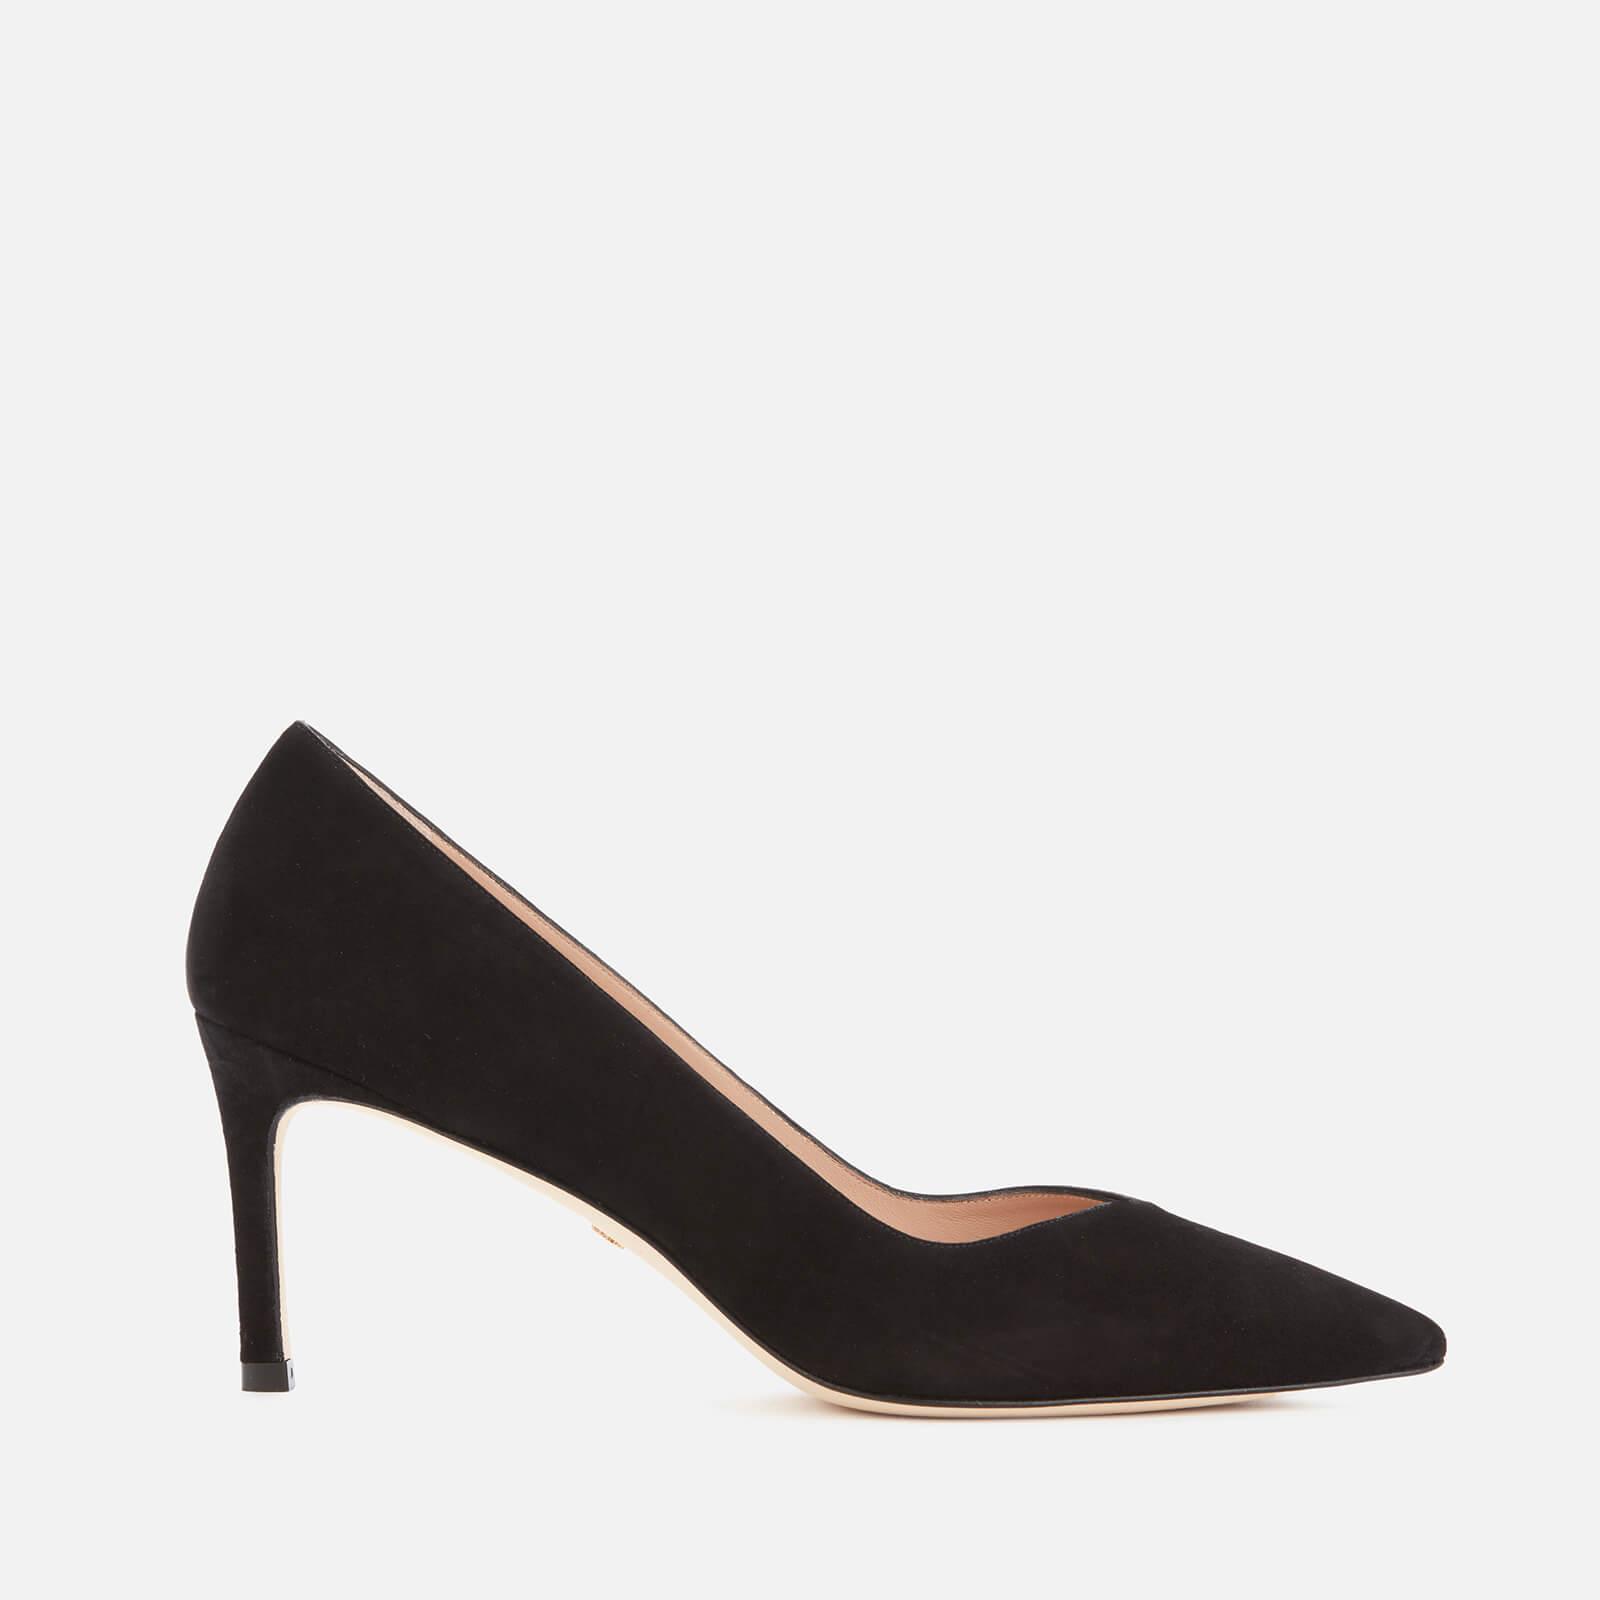 Stuart Weitzman Women's Anny 70 Suede Court Shoes - Black - Uk 5